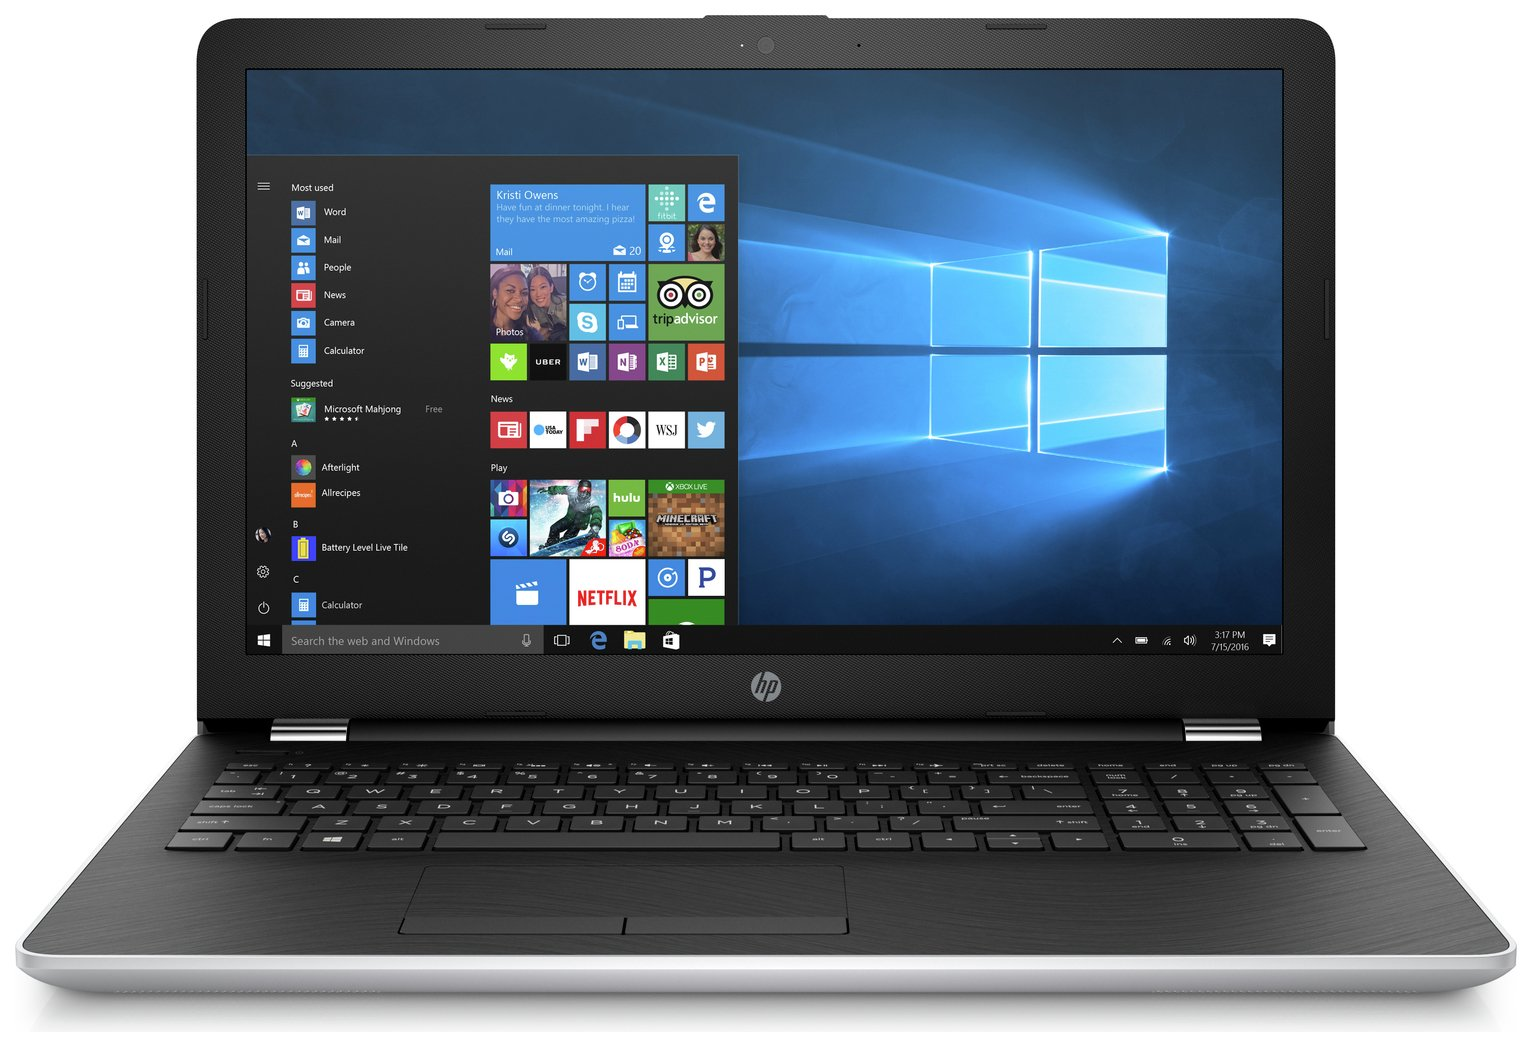 HP 15.6 Inch Intel i5 8GB 1TB Laptop - Silver